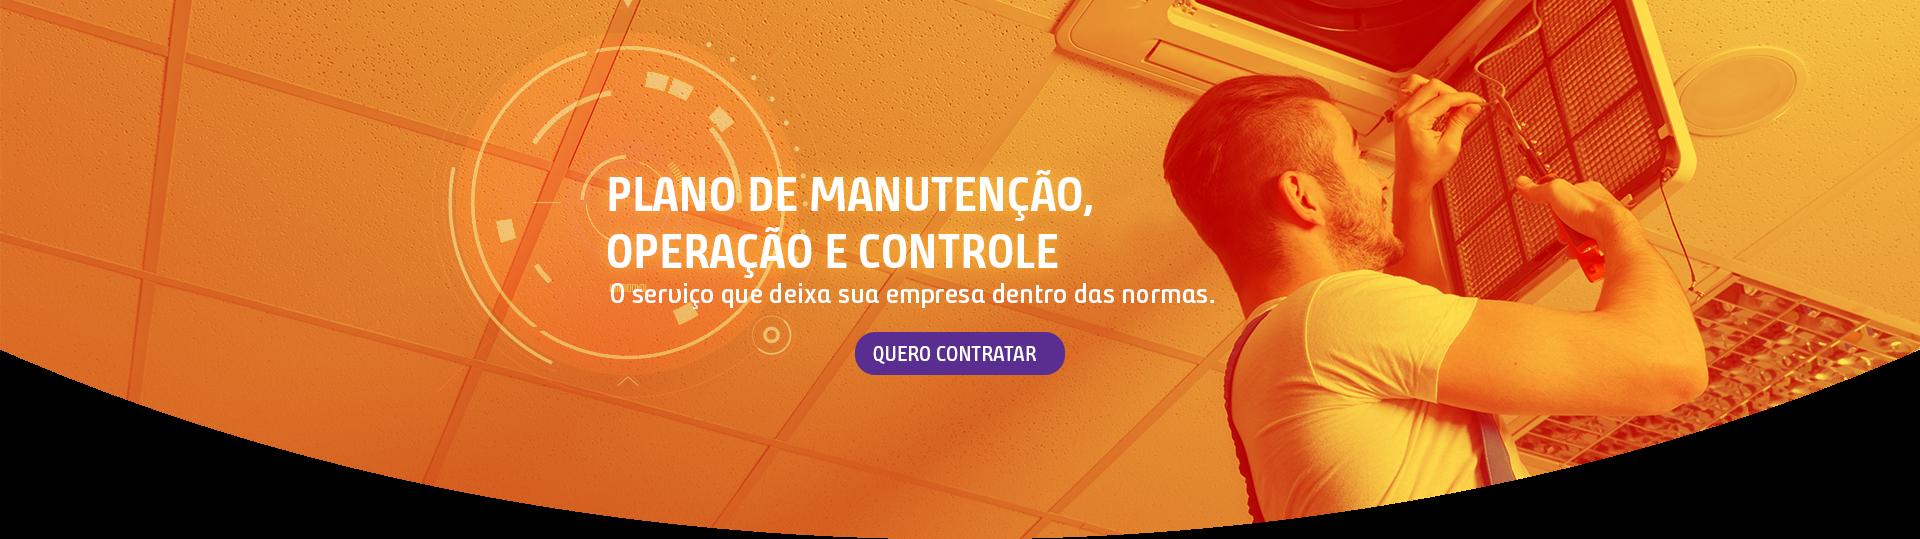 PMOC_Plano_Manutenção_Operação_Controle_Ar_Condicionado